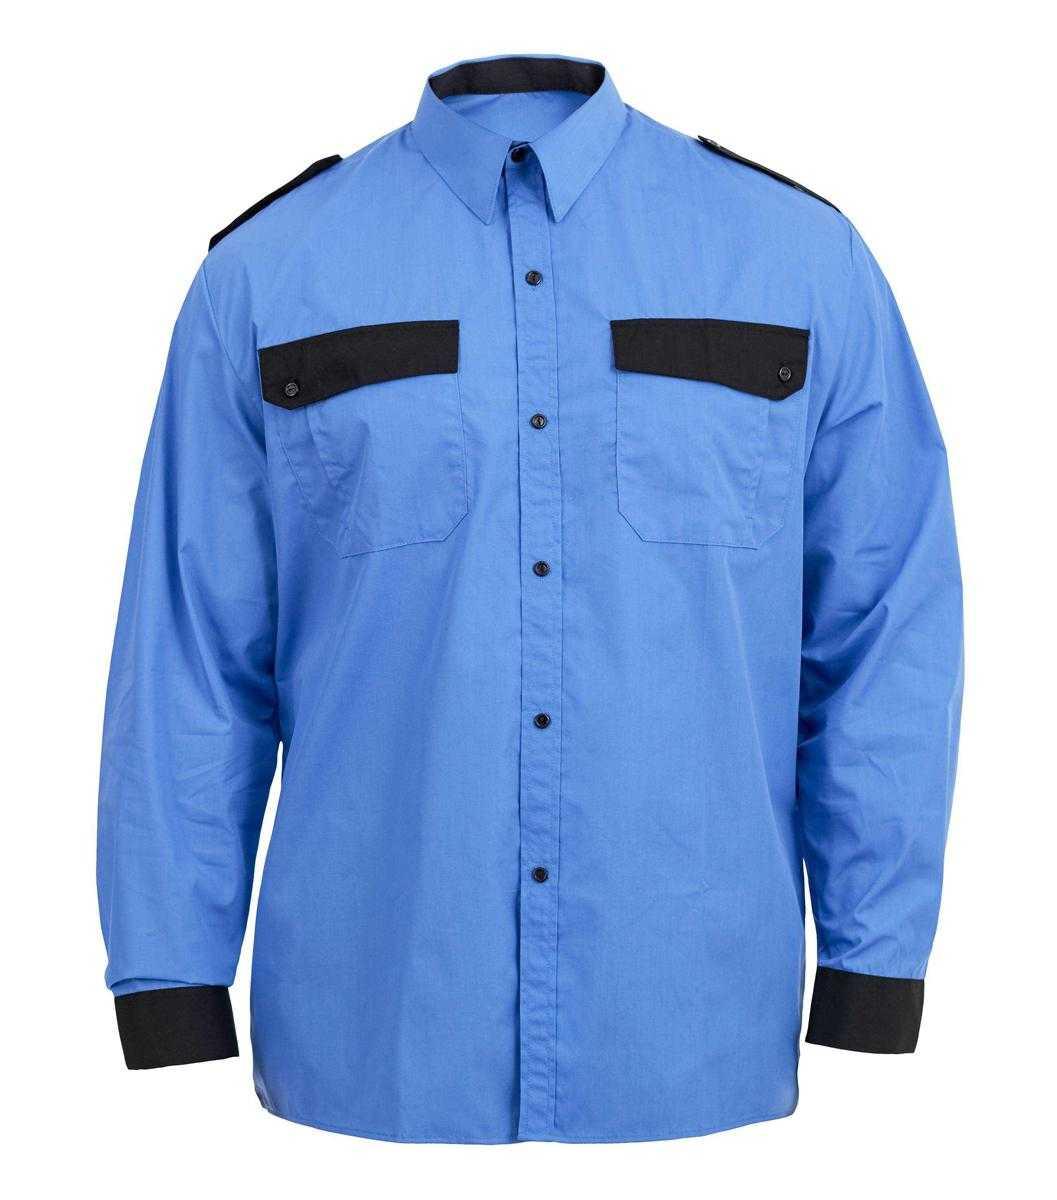 Img0129 1 - Рубашка охранника с длинным рукавом, цв. голубой